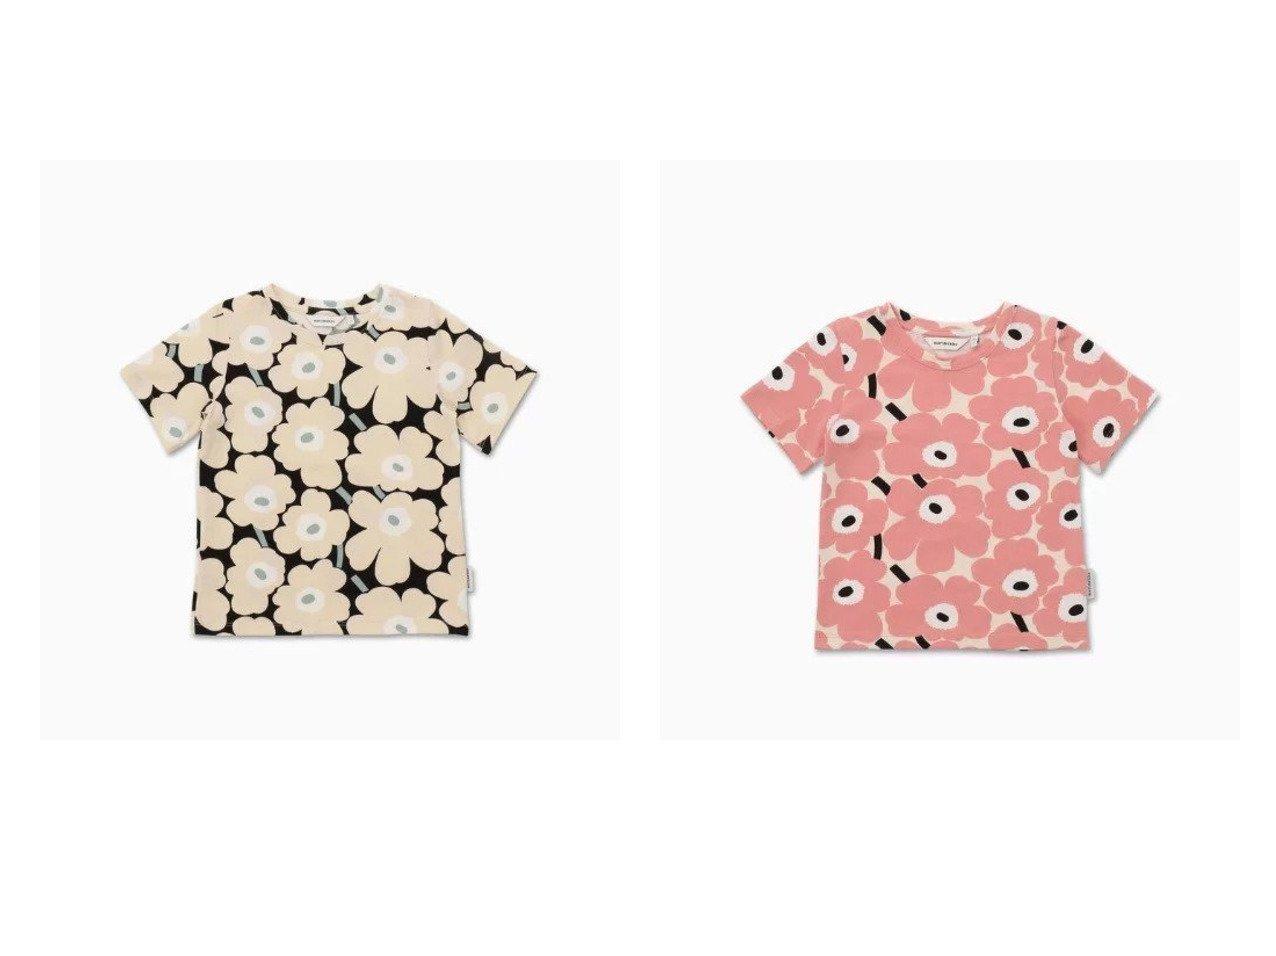 【marimekko / KIDS/マリメッコ】の[Kids]Soida Mini Unikot 2 Tシャツ&[Kids]Soida Mini Unikot 1 Tシャツ 【KIDS】子供服のおすすめ!人気トレンド・キッズファッションの通販  おすすめで人気の流行・トレンド、ファッションの通販商品 メンズファッション・キッズファッション・インテリア・家具・レディースファッション・服の通販 founy(ファニー) https://founy.com/ ファッション Fashion キッズファッション KIDS トップス・カットソー Tops/Tees/Kids インナー シンプル ジャージー ストレッチ 半袖  ID:crp329100000027200